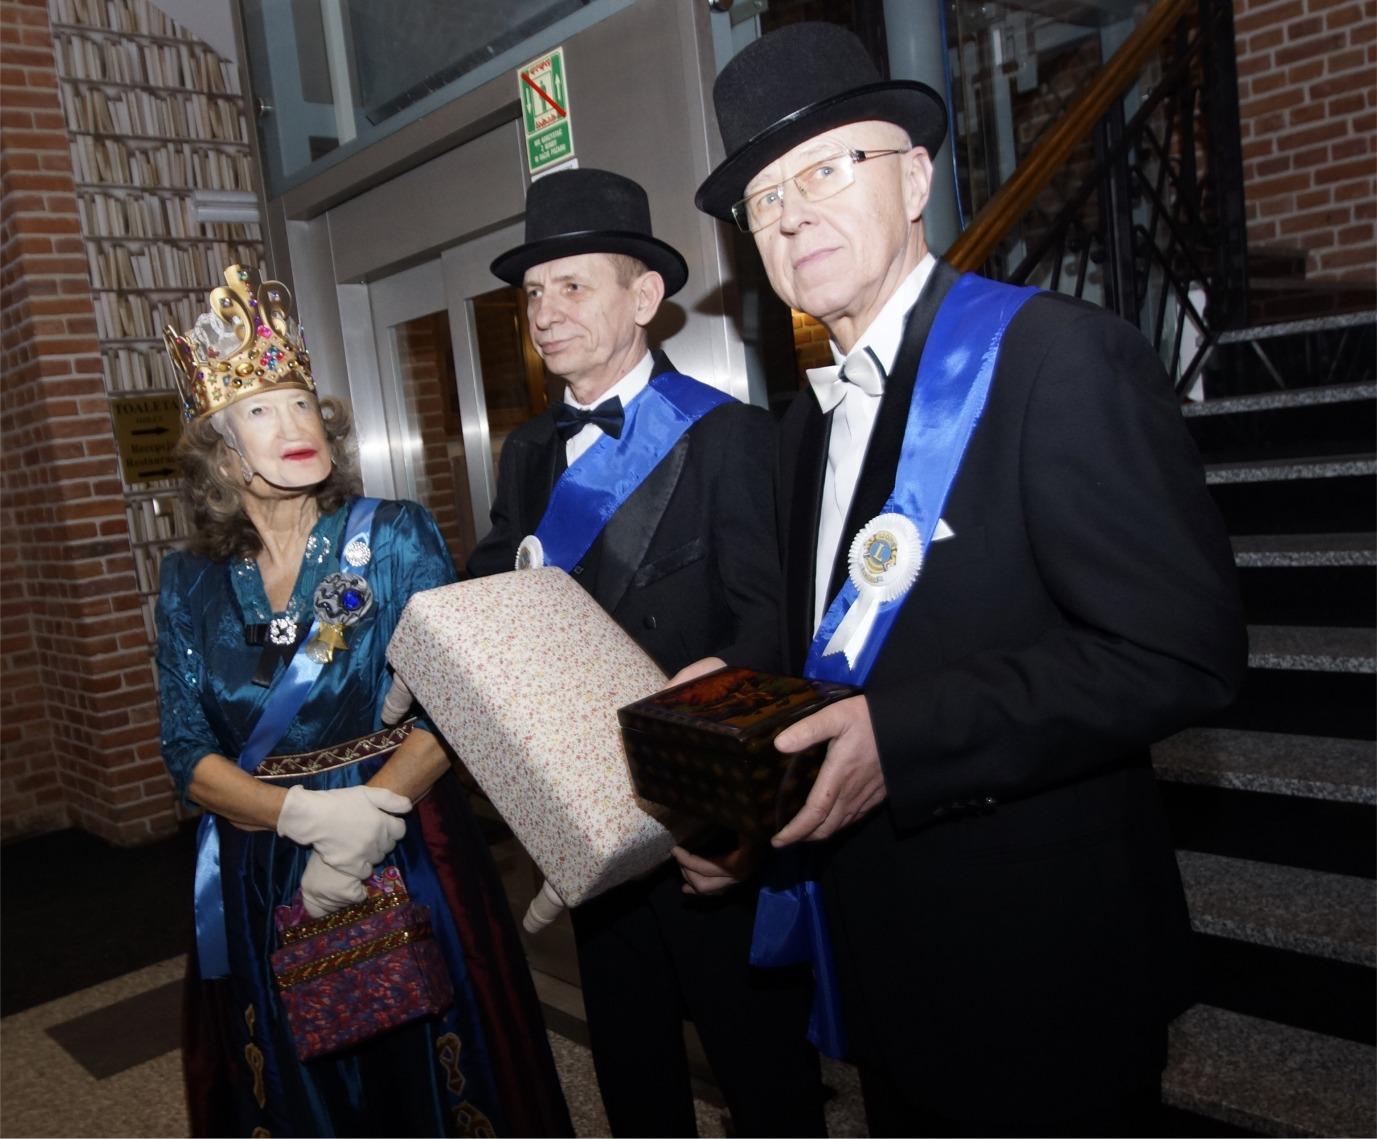 badzmy-szczodrzy-bo-warto-09-02-2019-r